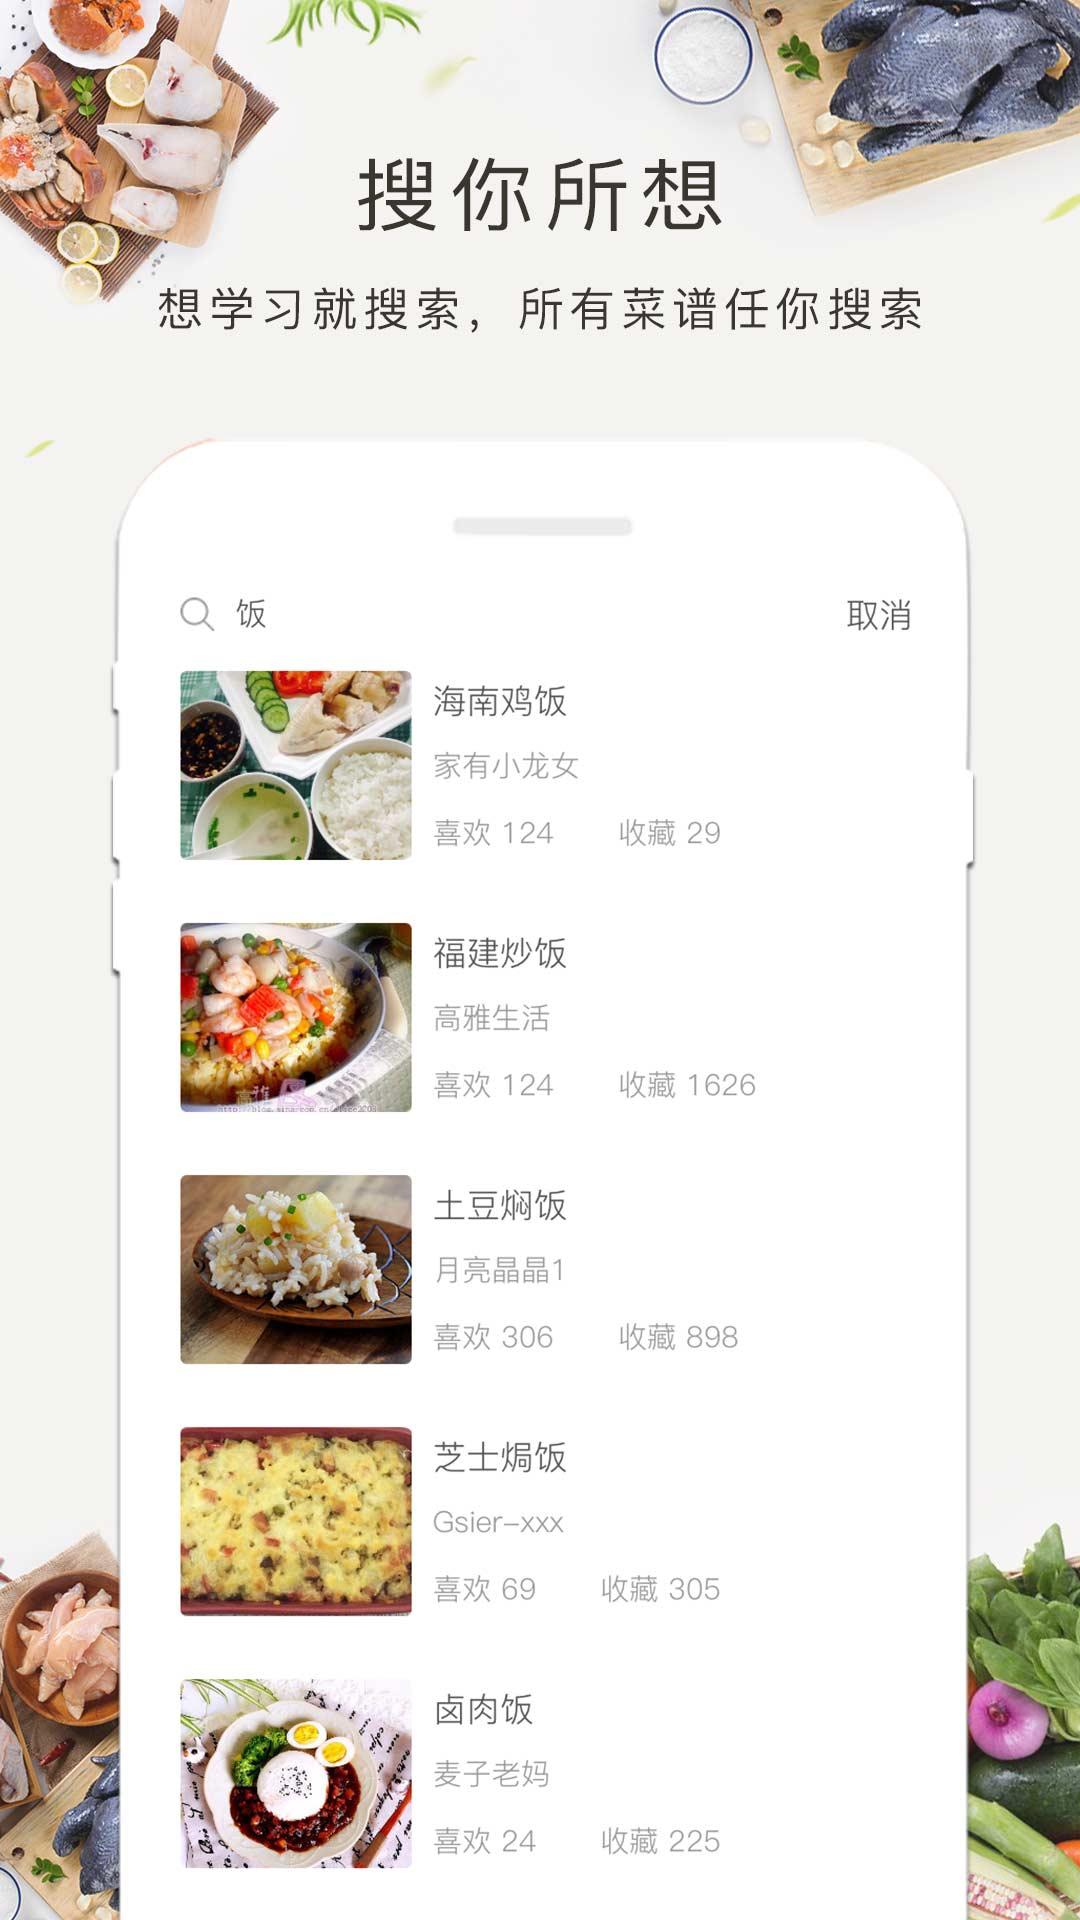 食谱大全书 V1.2.2 安卓版截图4